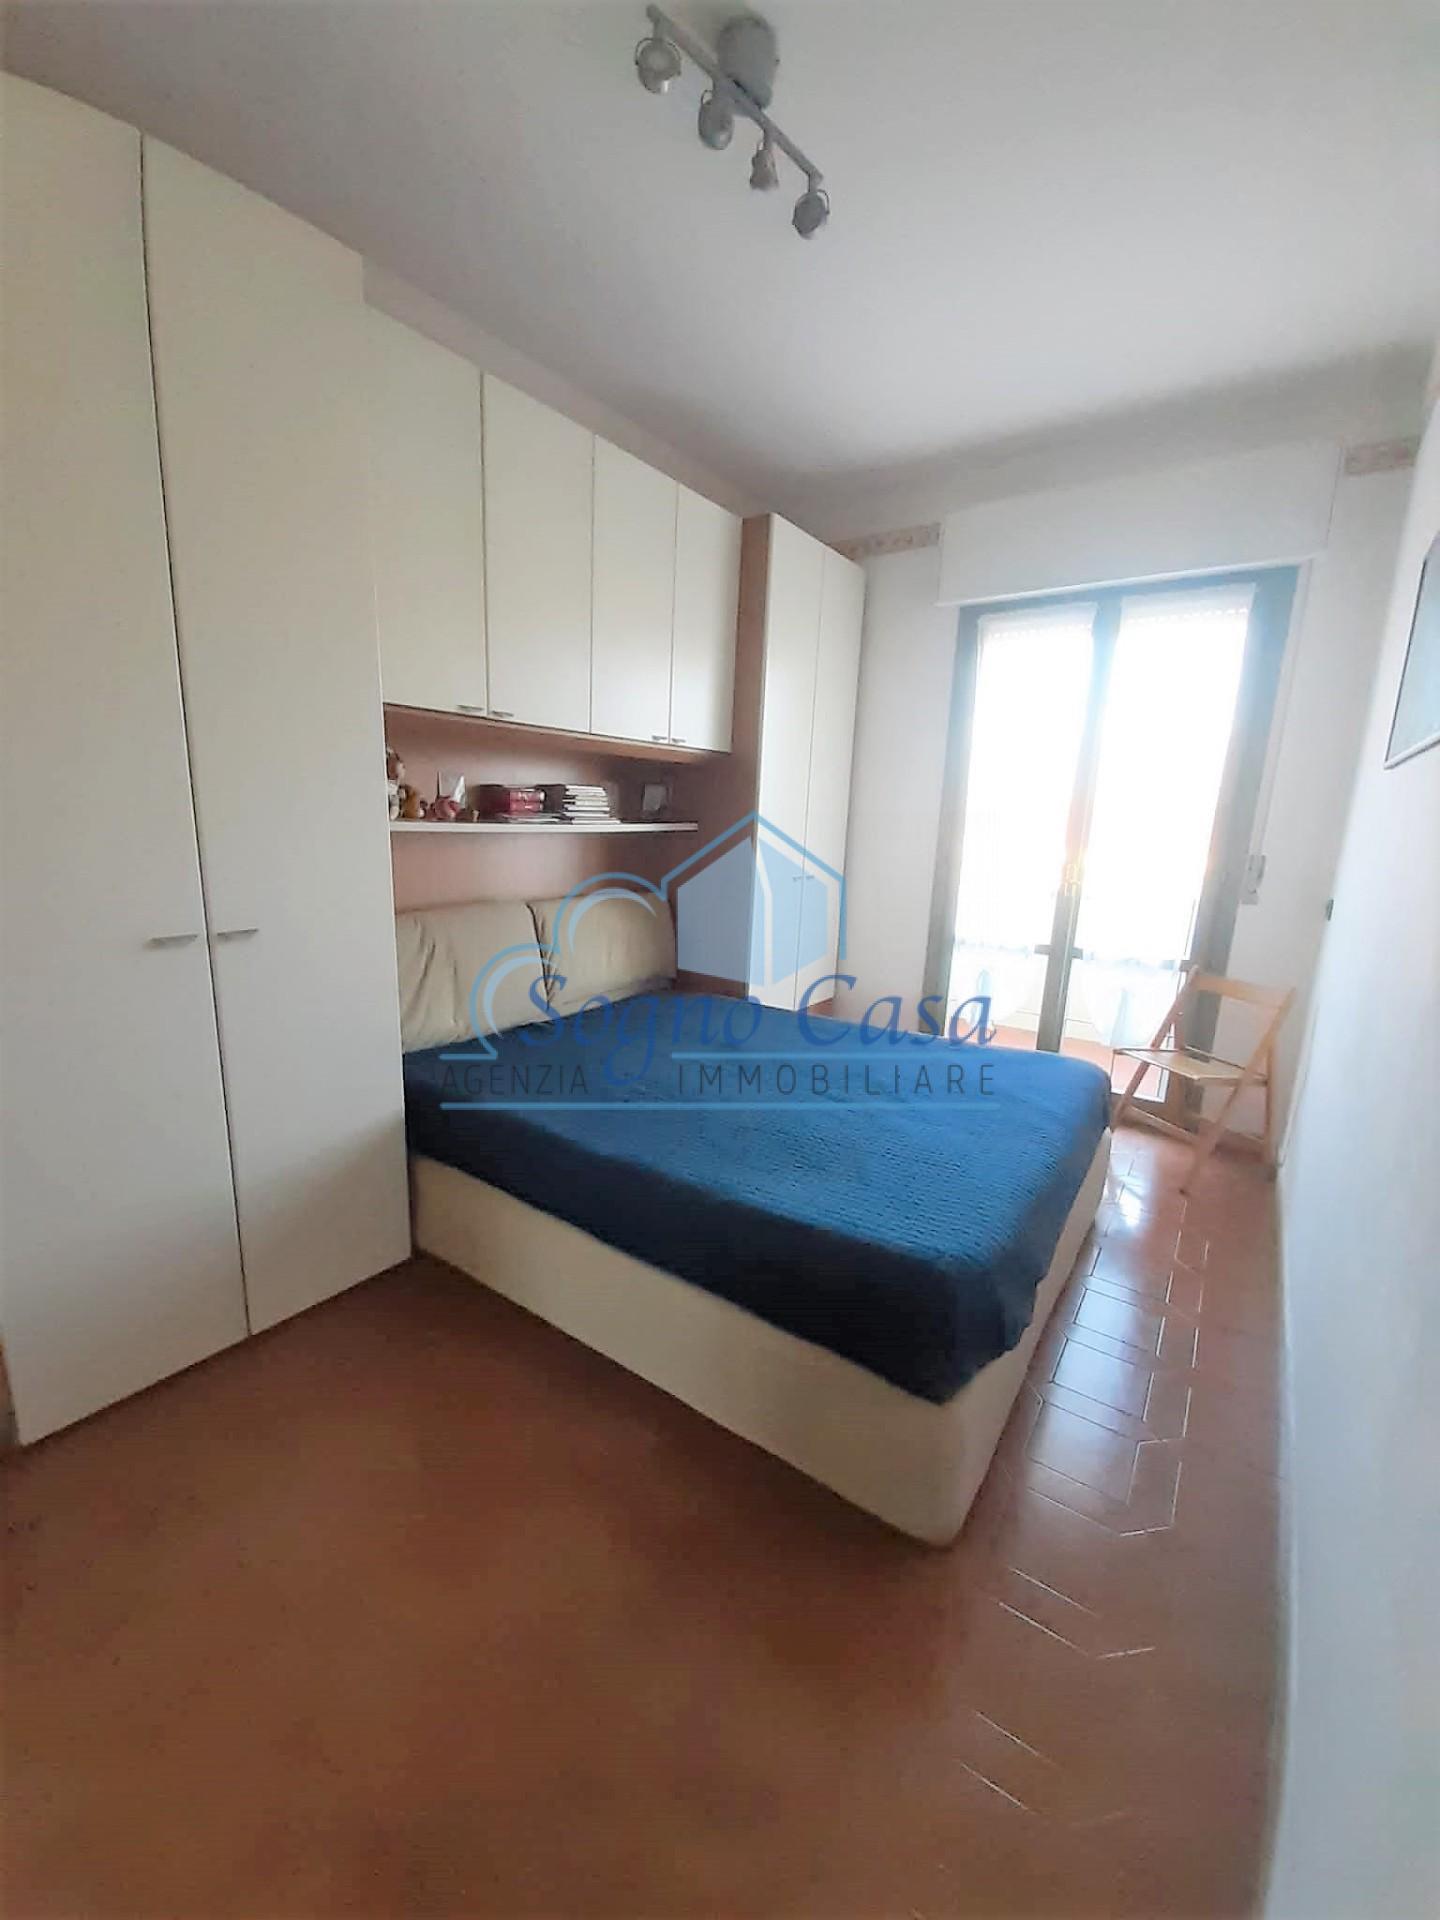 Appartamento in vendita, rif. 341